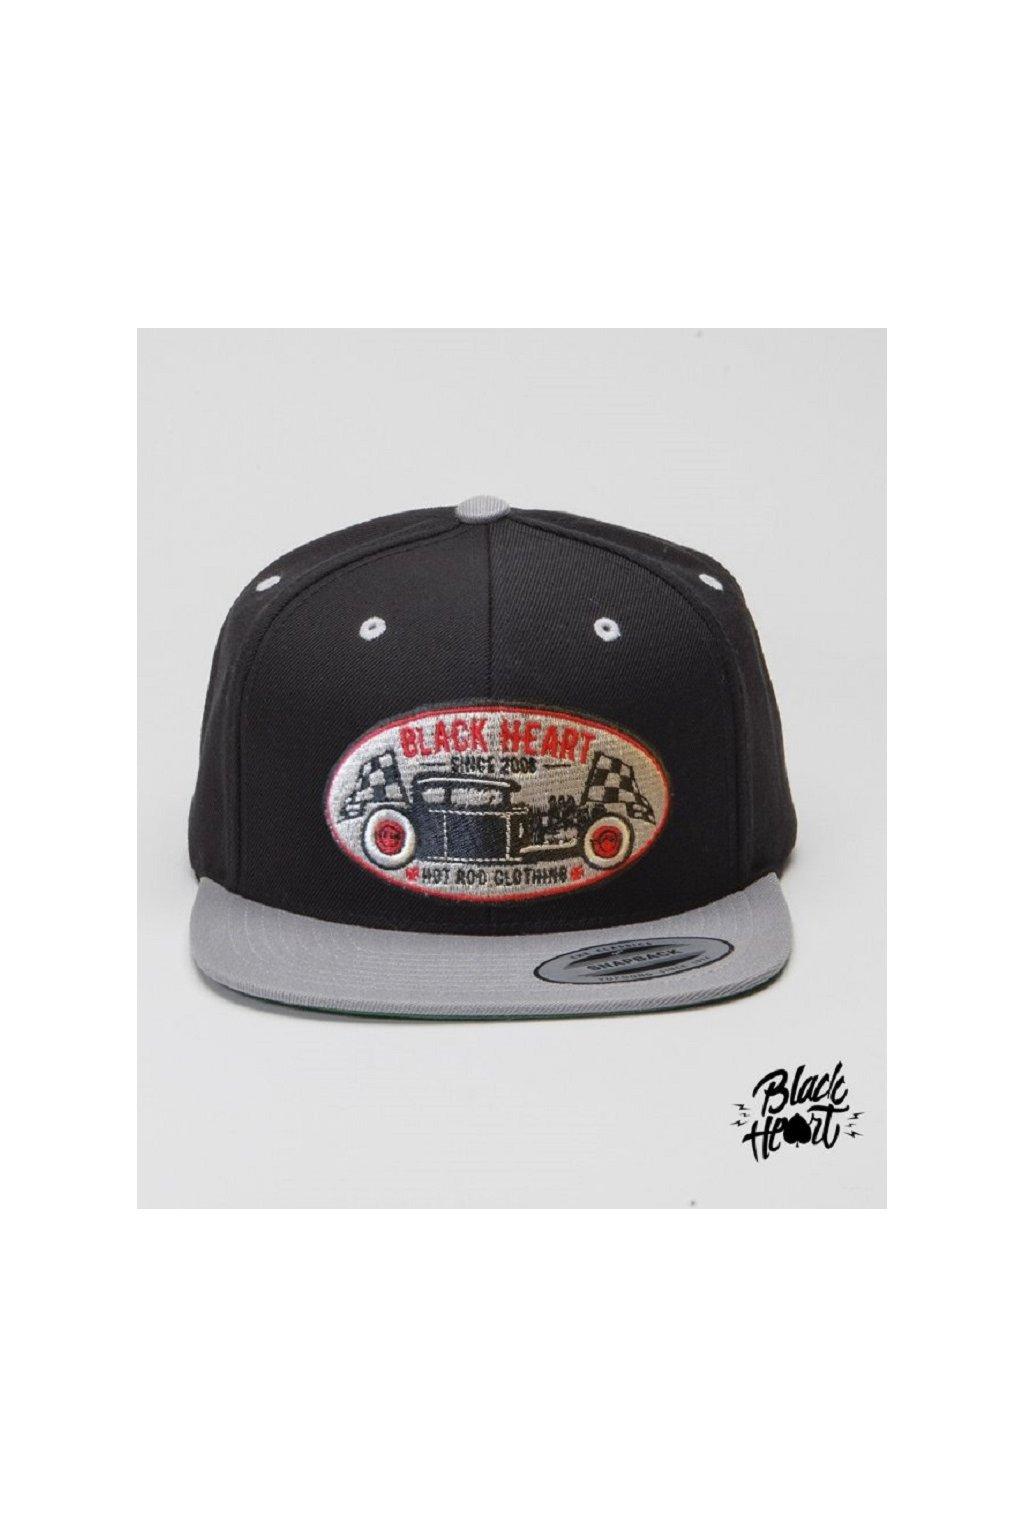 Kšiltovka BLACK HEART HOT ROD GREY 022-0043-BLK-ONE SIZE přední strana